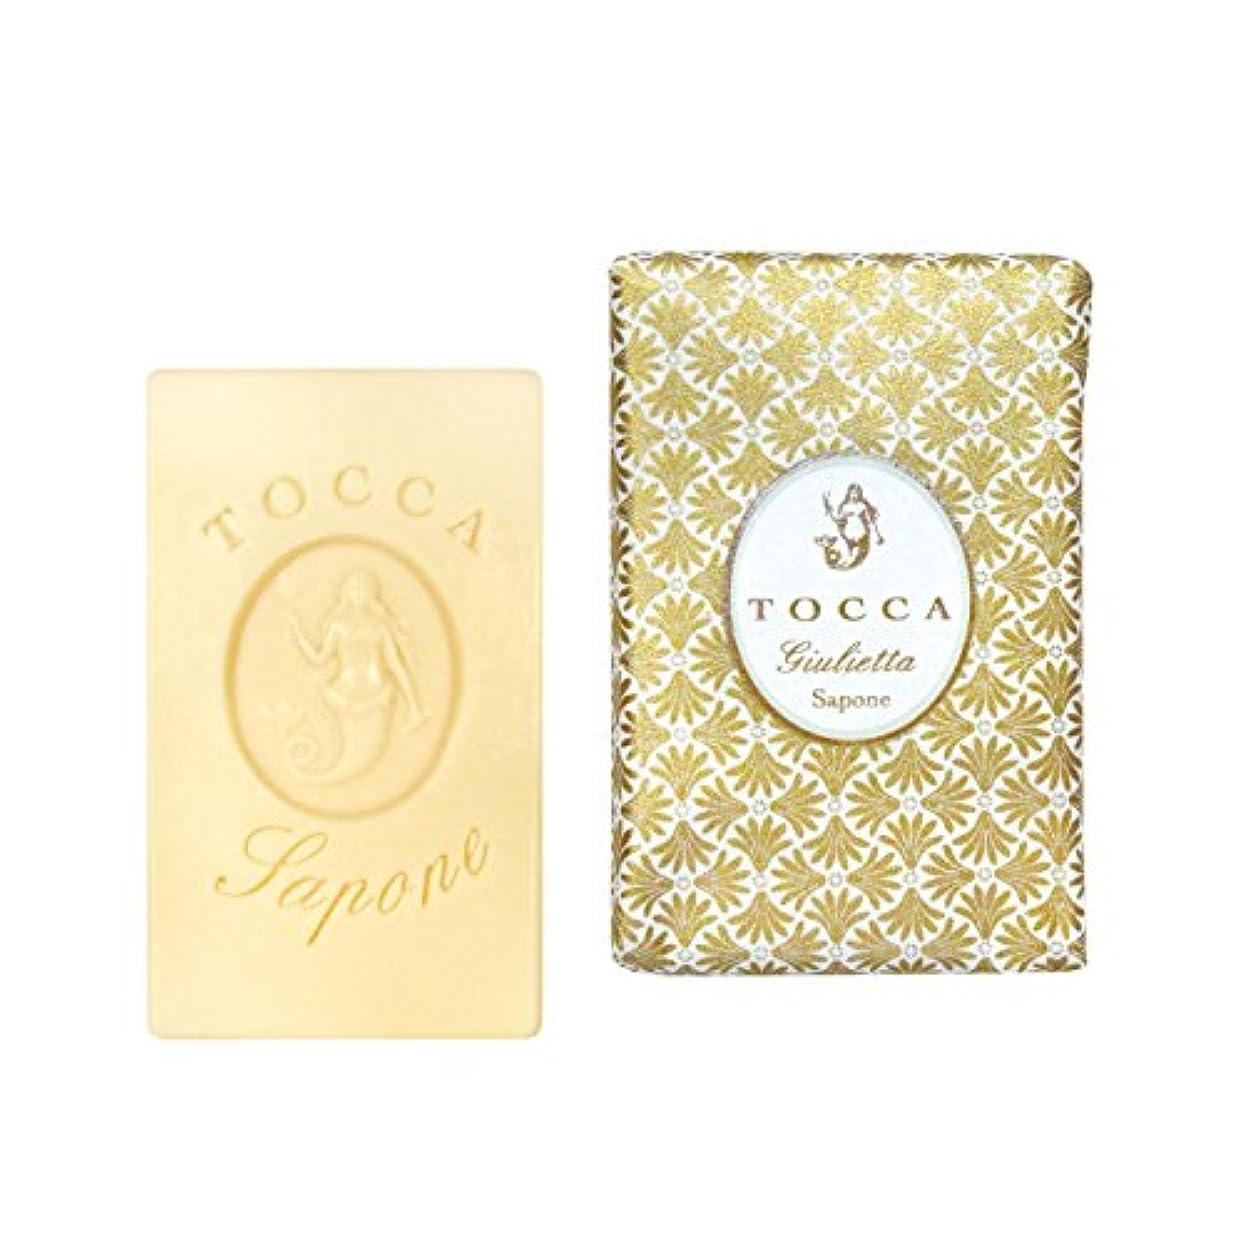 マトリックストラップハンマートッカ(TOCCA) ソープバー ジュリエッタの香り 113g(化粧石けん ピンクチューリップとグリーンアップルの爽やかで甘い香り)